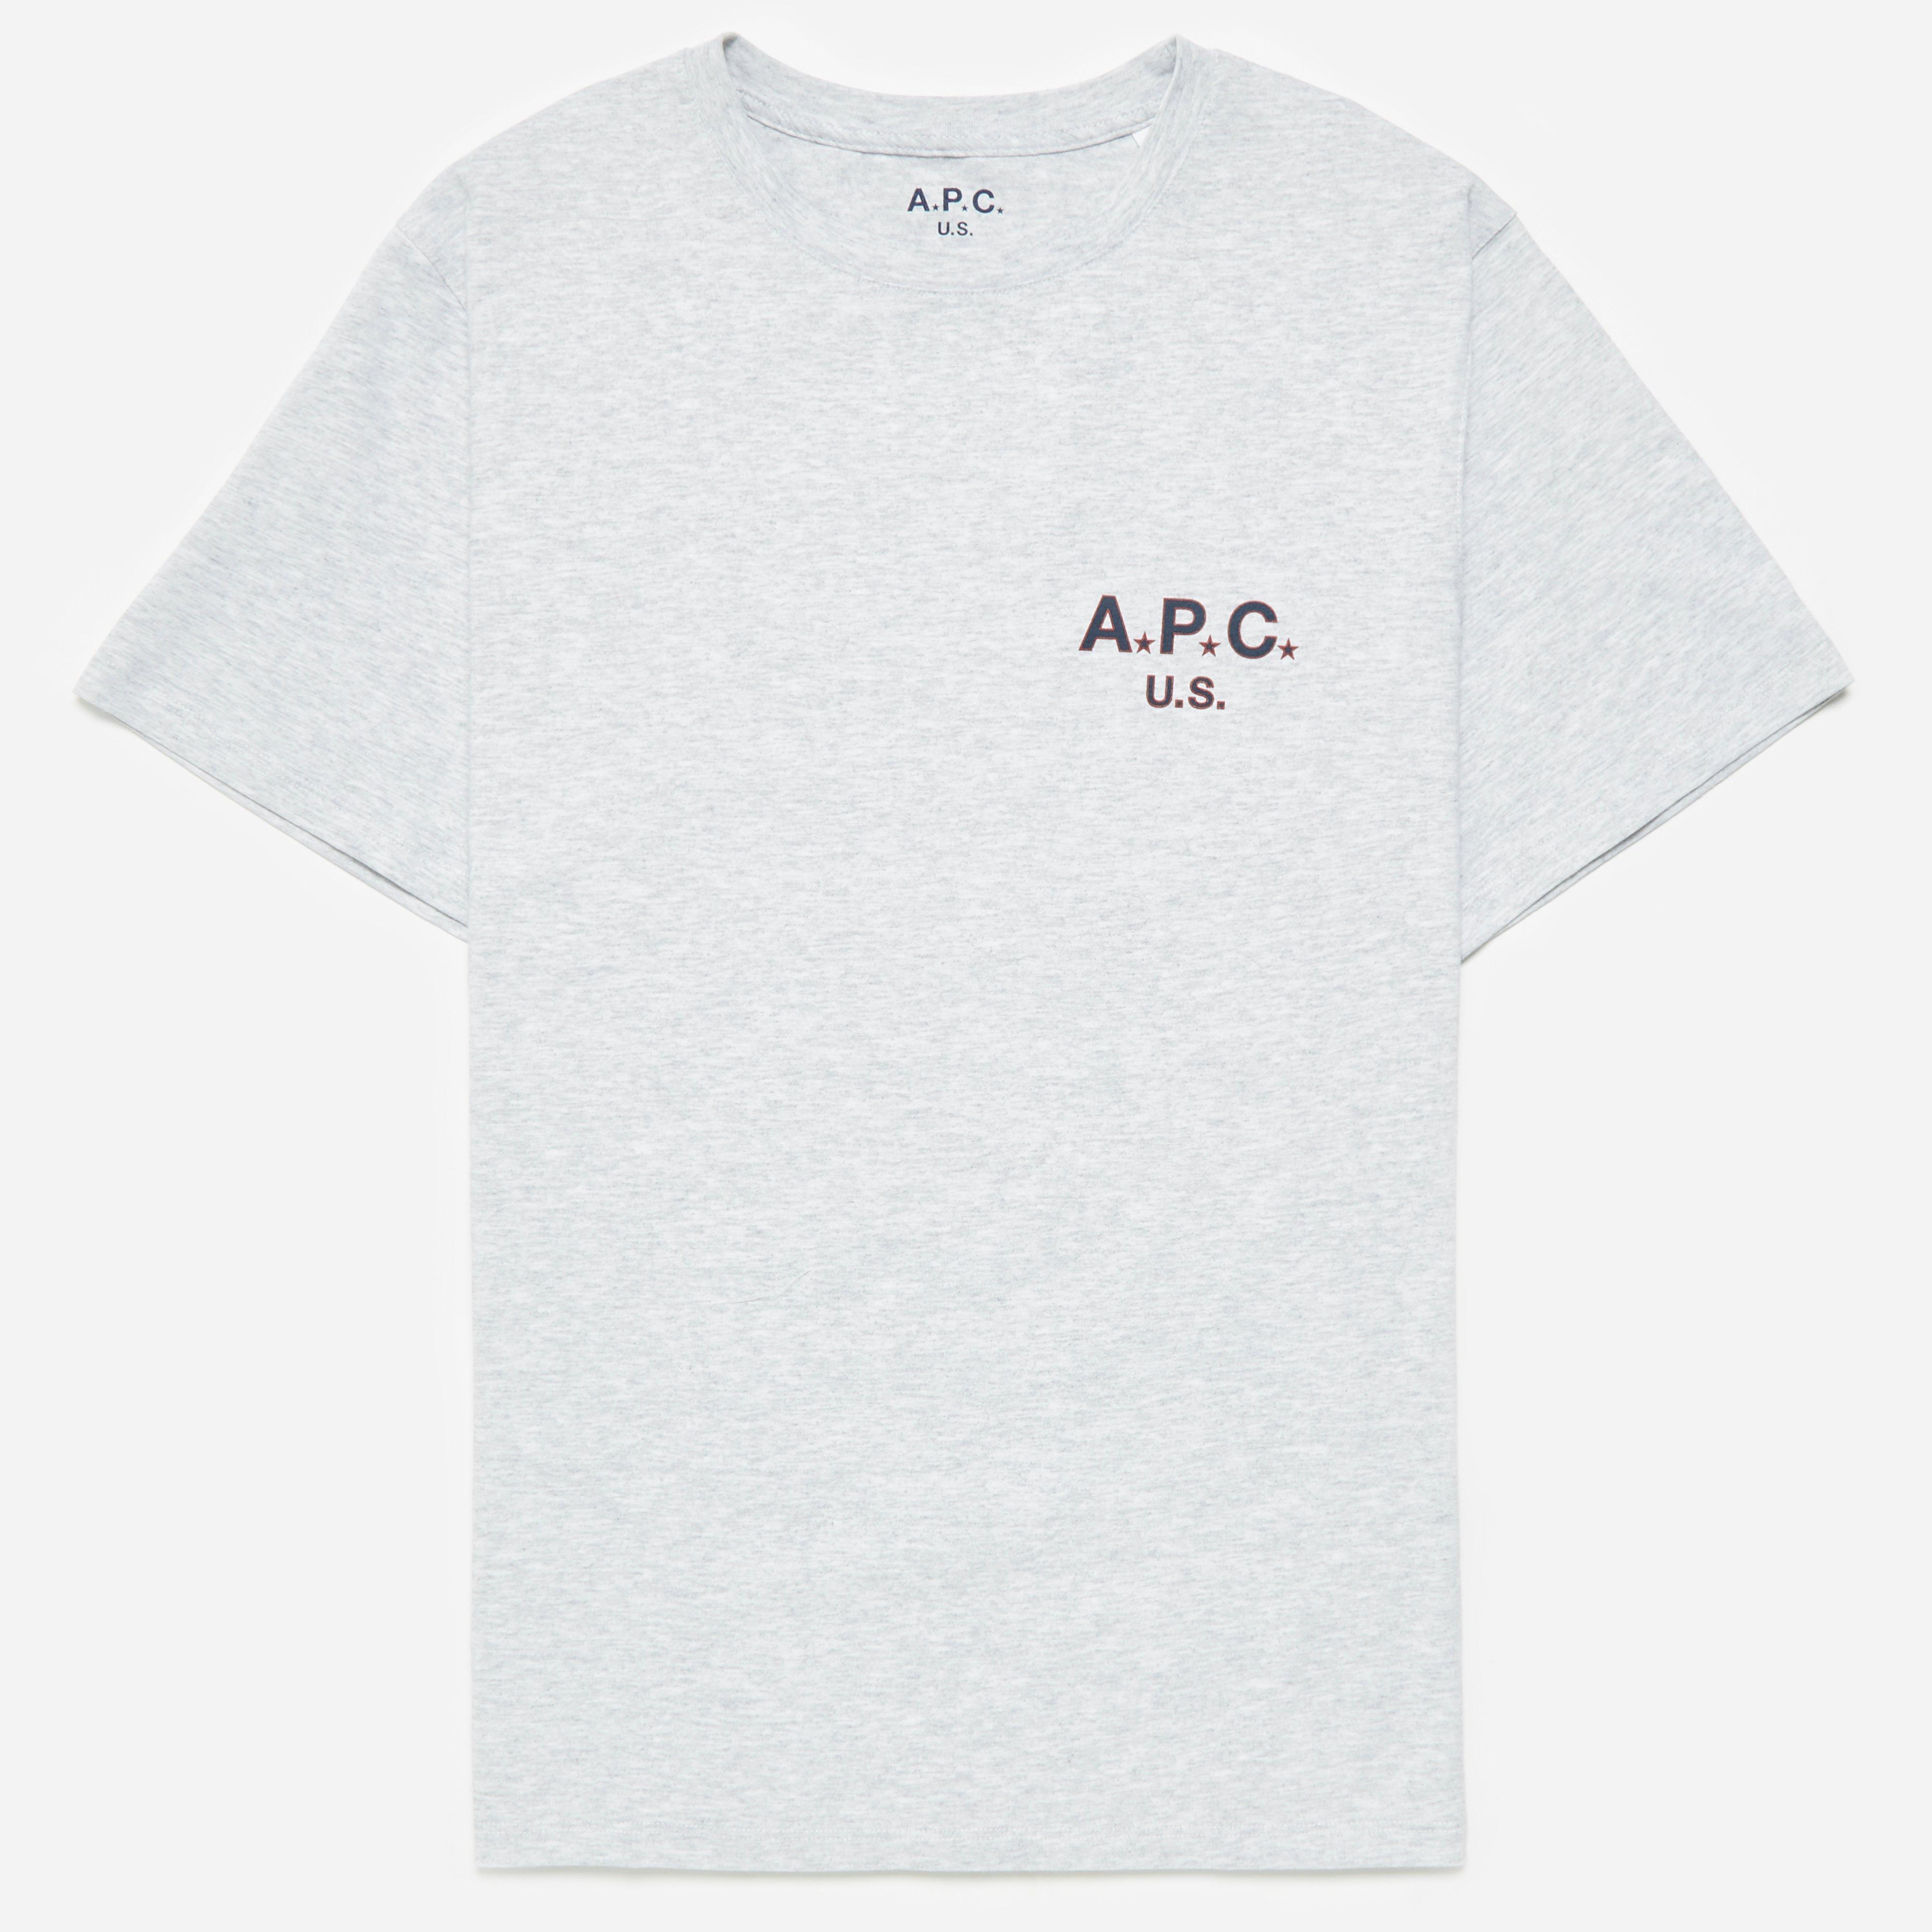 A.P.C. Flag T-shirt